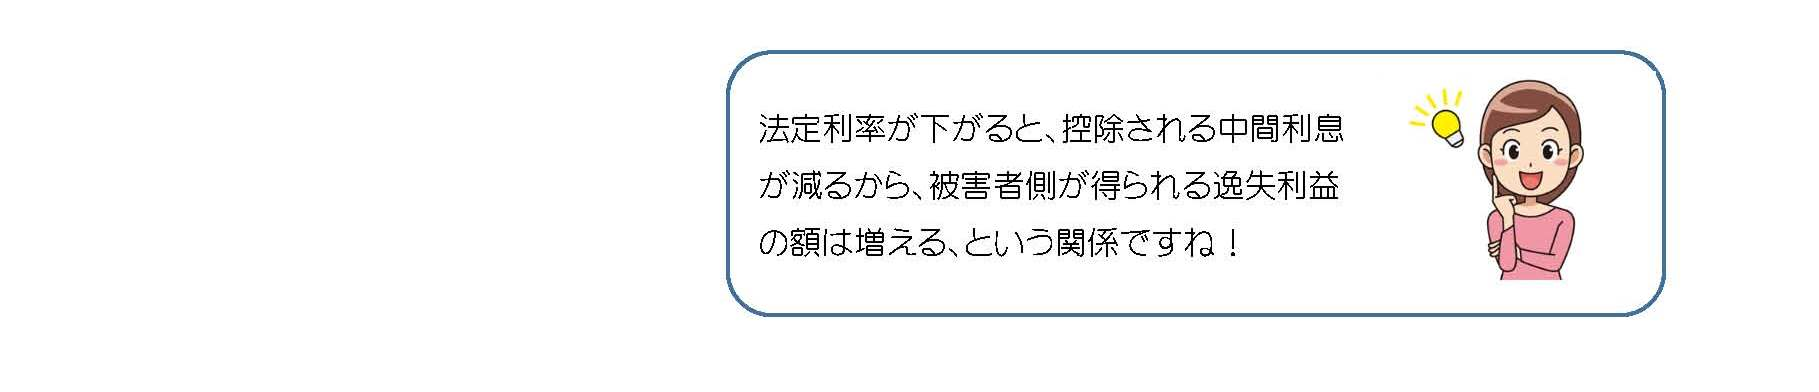 issitu_chukan_female.jpg